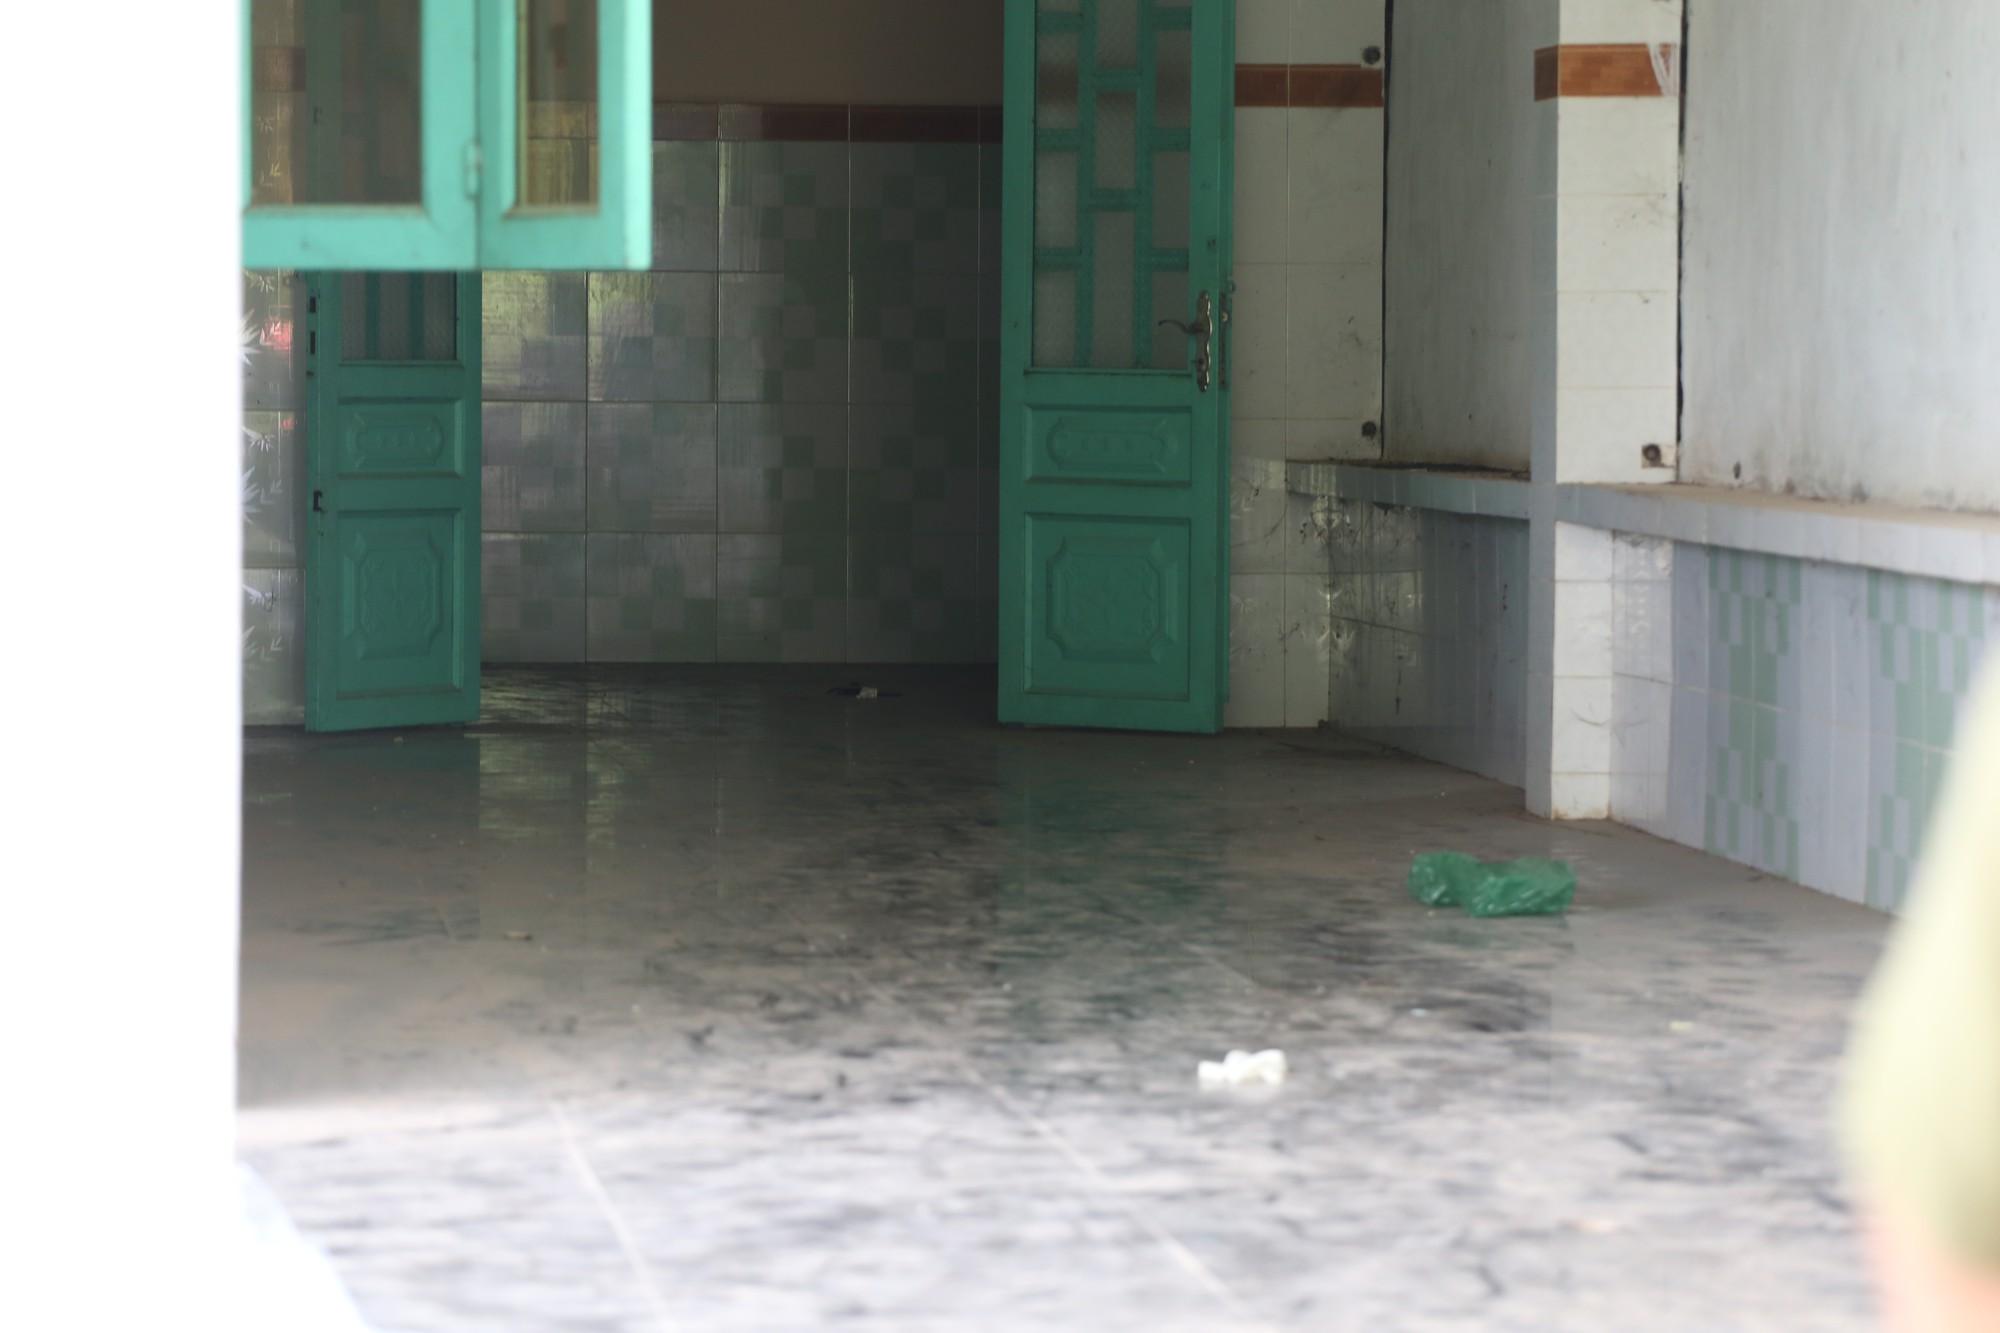 Ai là người thuê ngôi nhà trước khi phát hiện hai thi thể bị đổ bê tông trong thùng nhựa? - Ảnh 3.